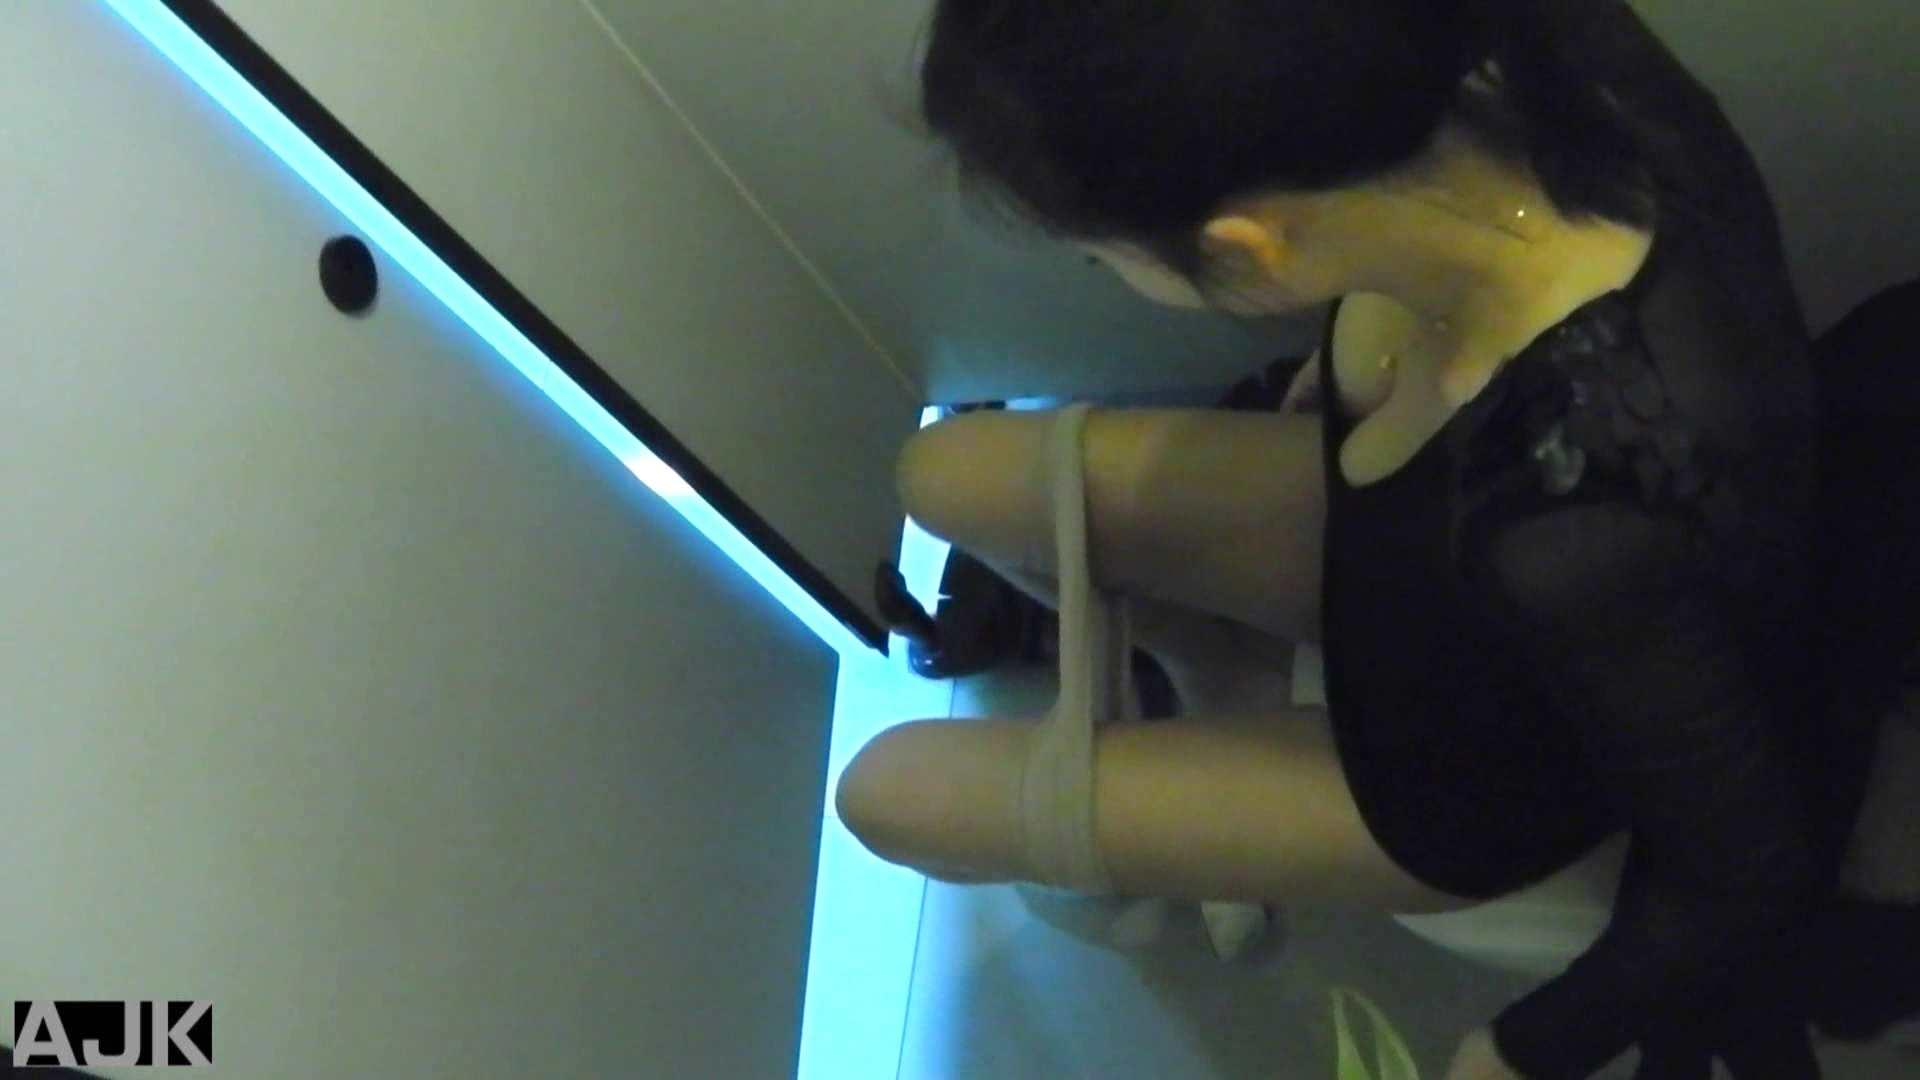 隣国上階級エリアの令嬢たちが集うデパートお手洗い Vol.23 OLの実態  92pic 42